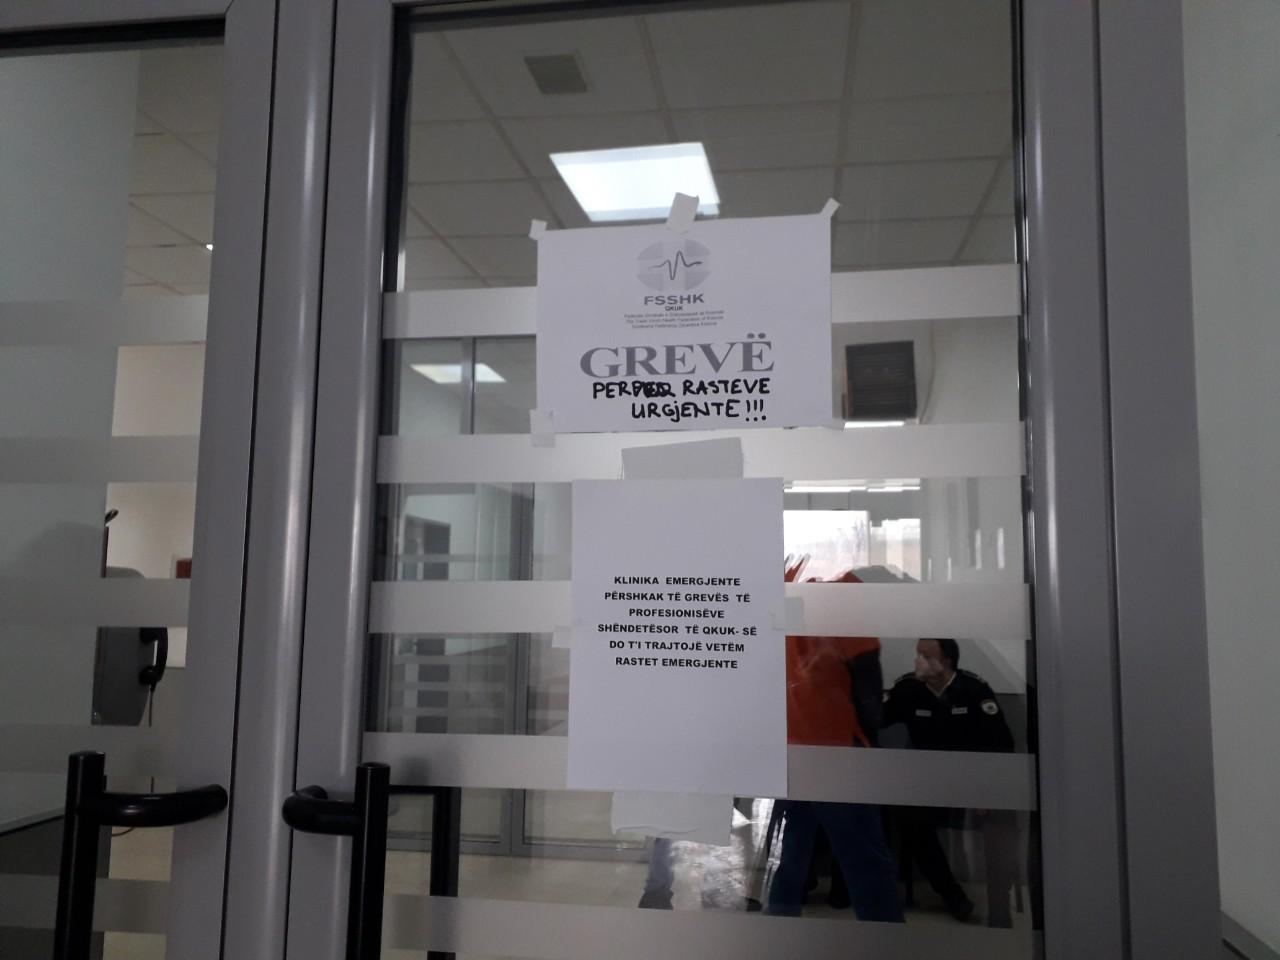 Pacientët kërkojnë ndërprerjen e grevës së mjekëve